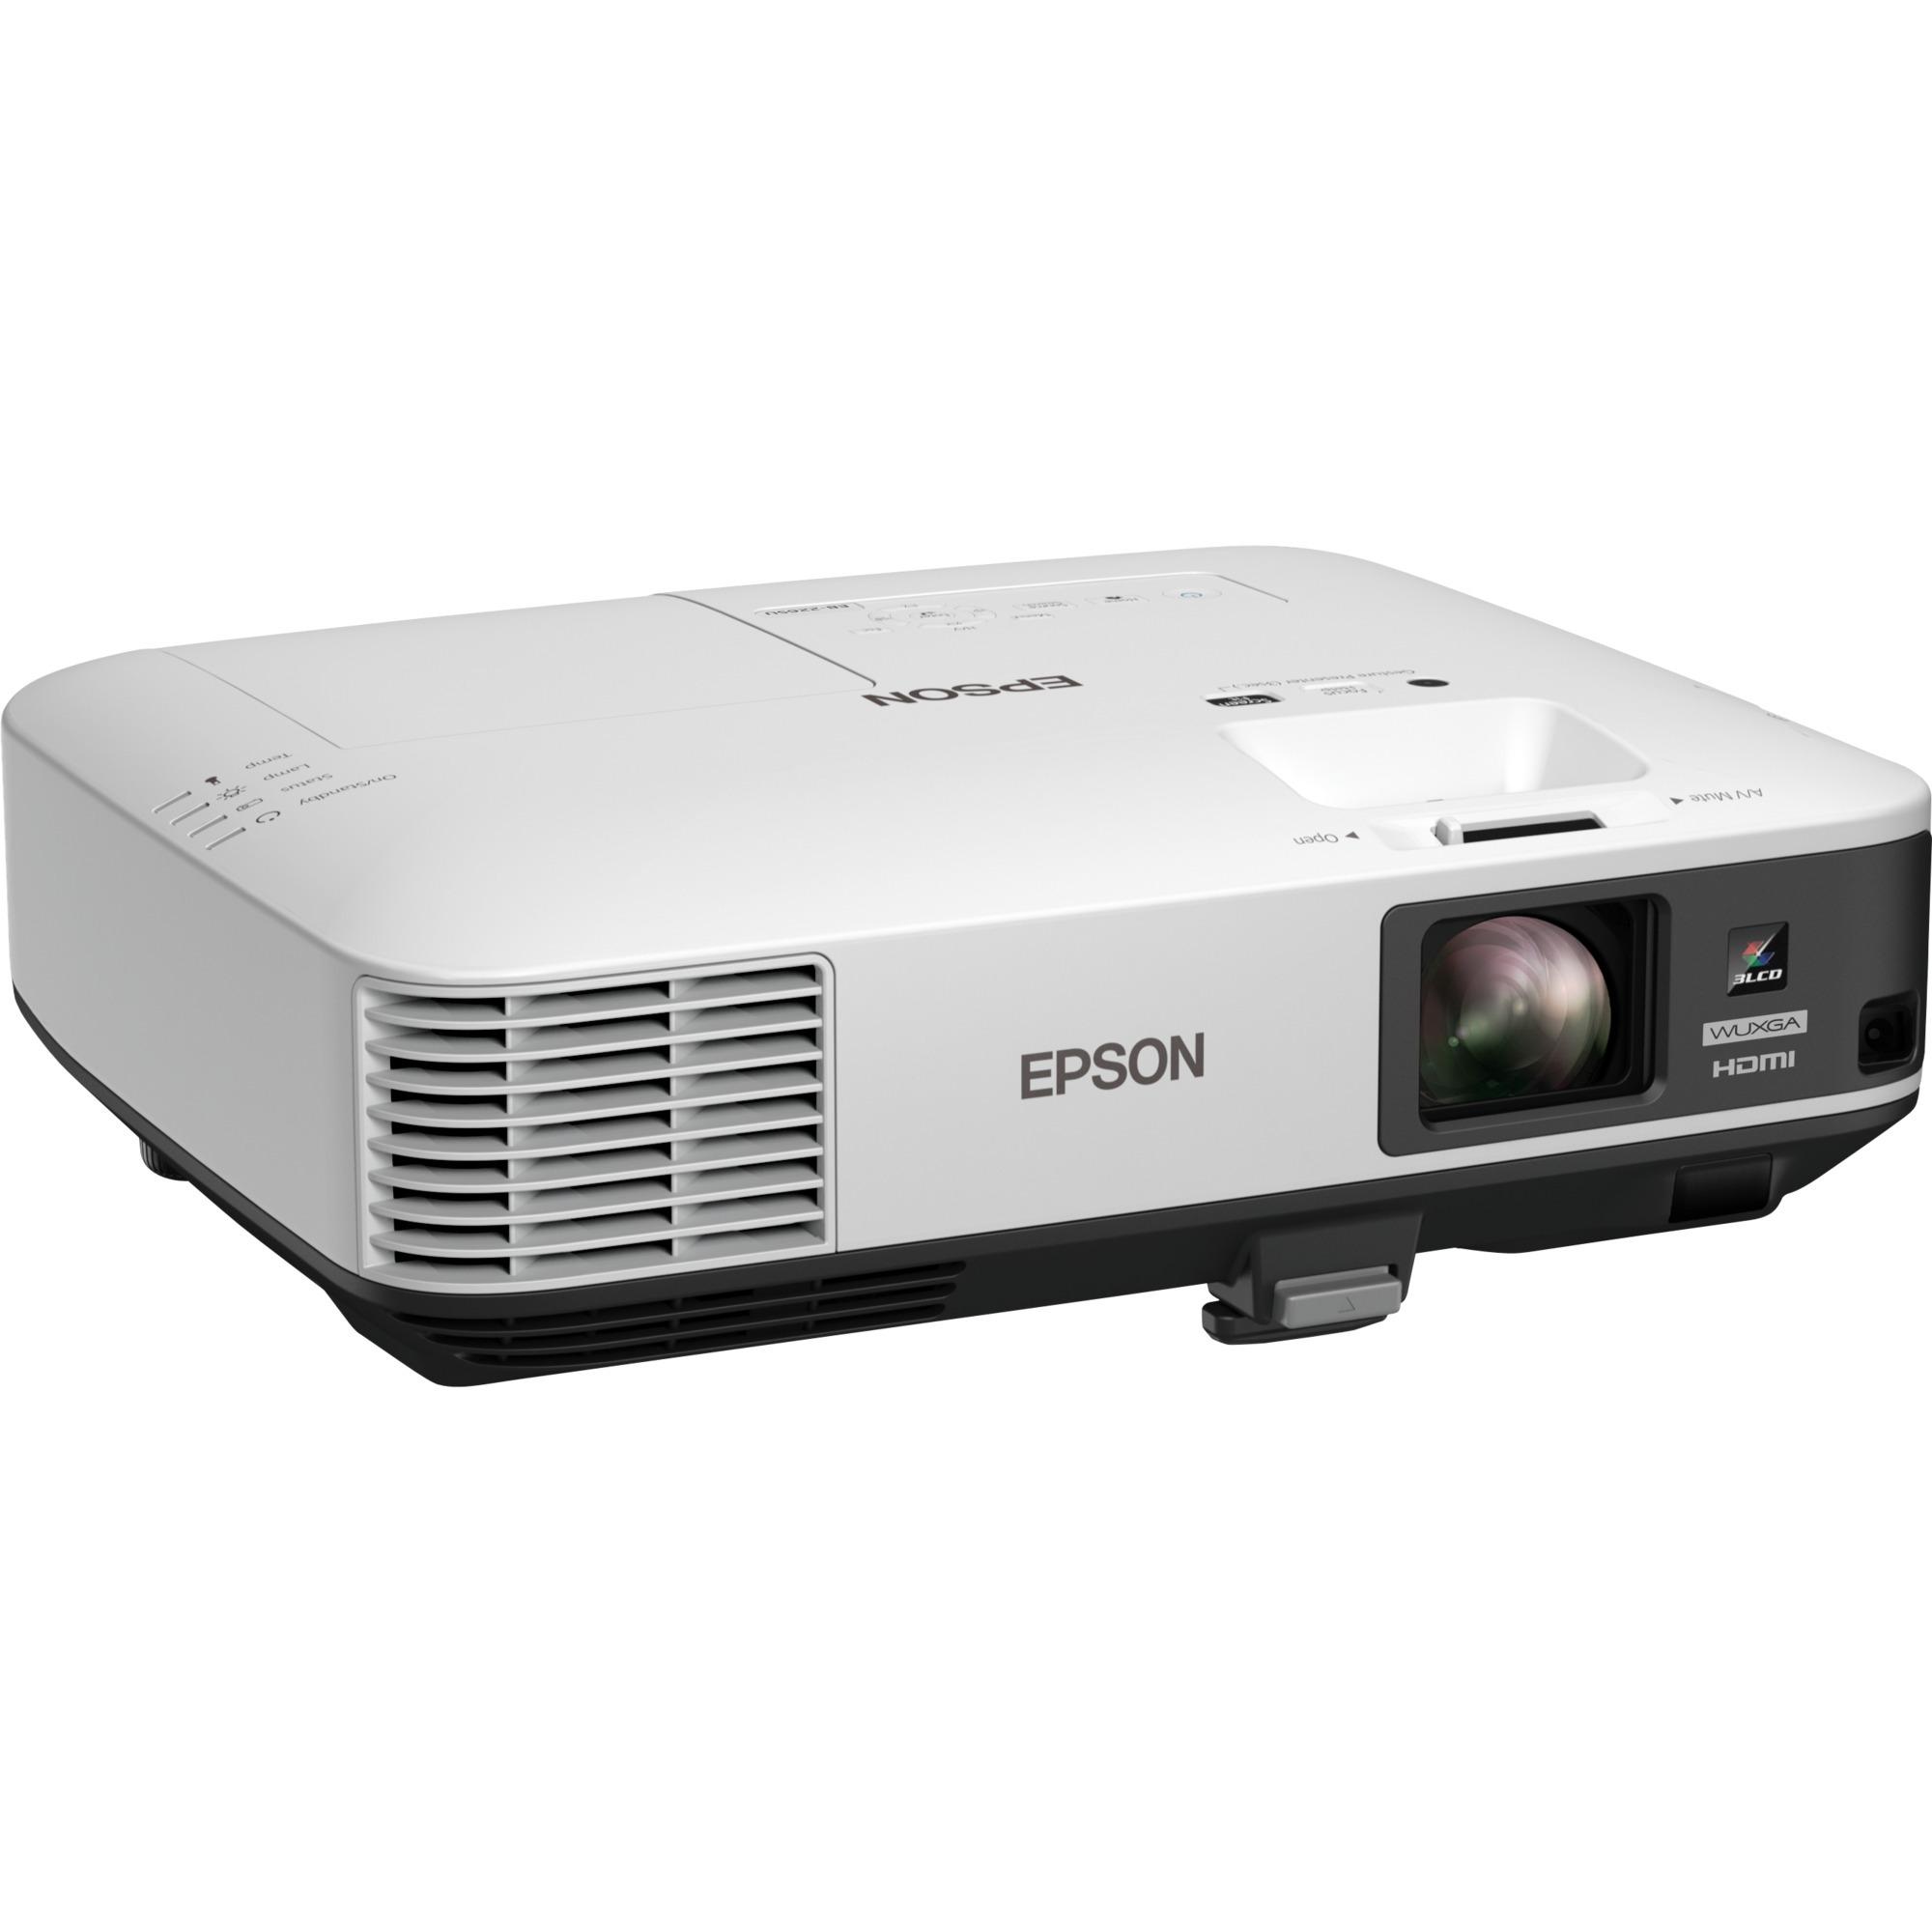 EB-2255U Projecteur de bureau 5000ANSI lumens 3LCD WUXGA (1920x1200) Blanc vidéo-projecteur, Projecteur LCD